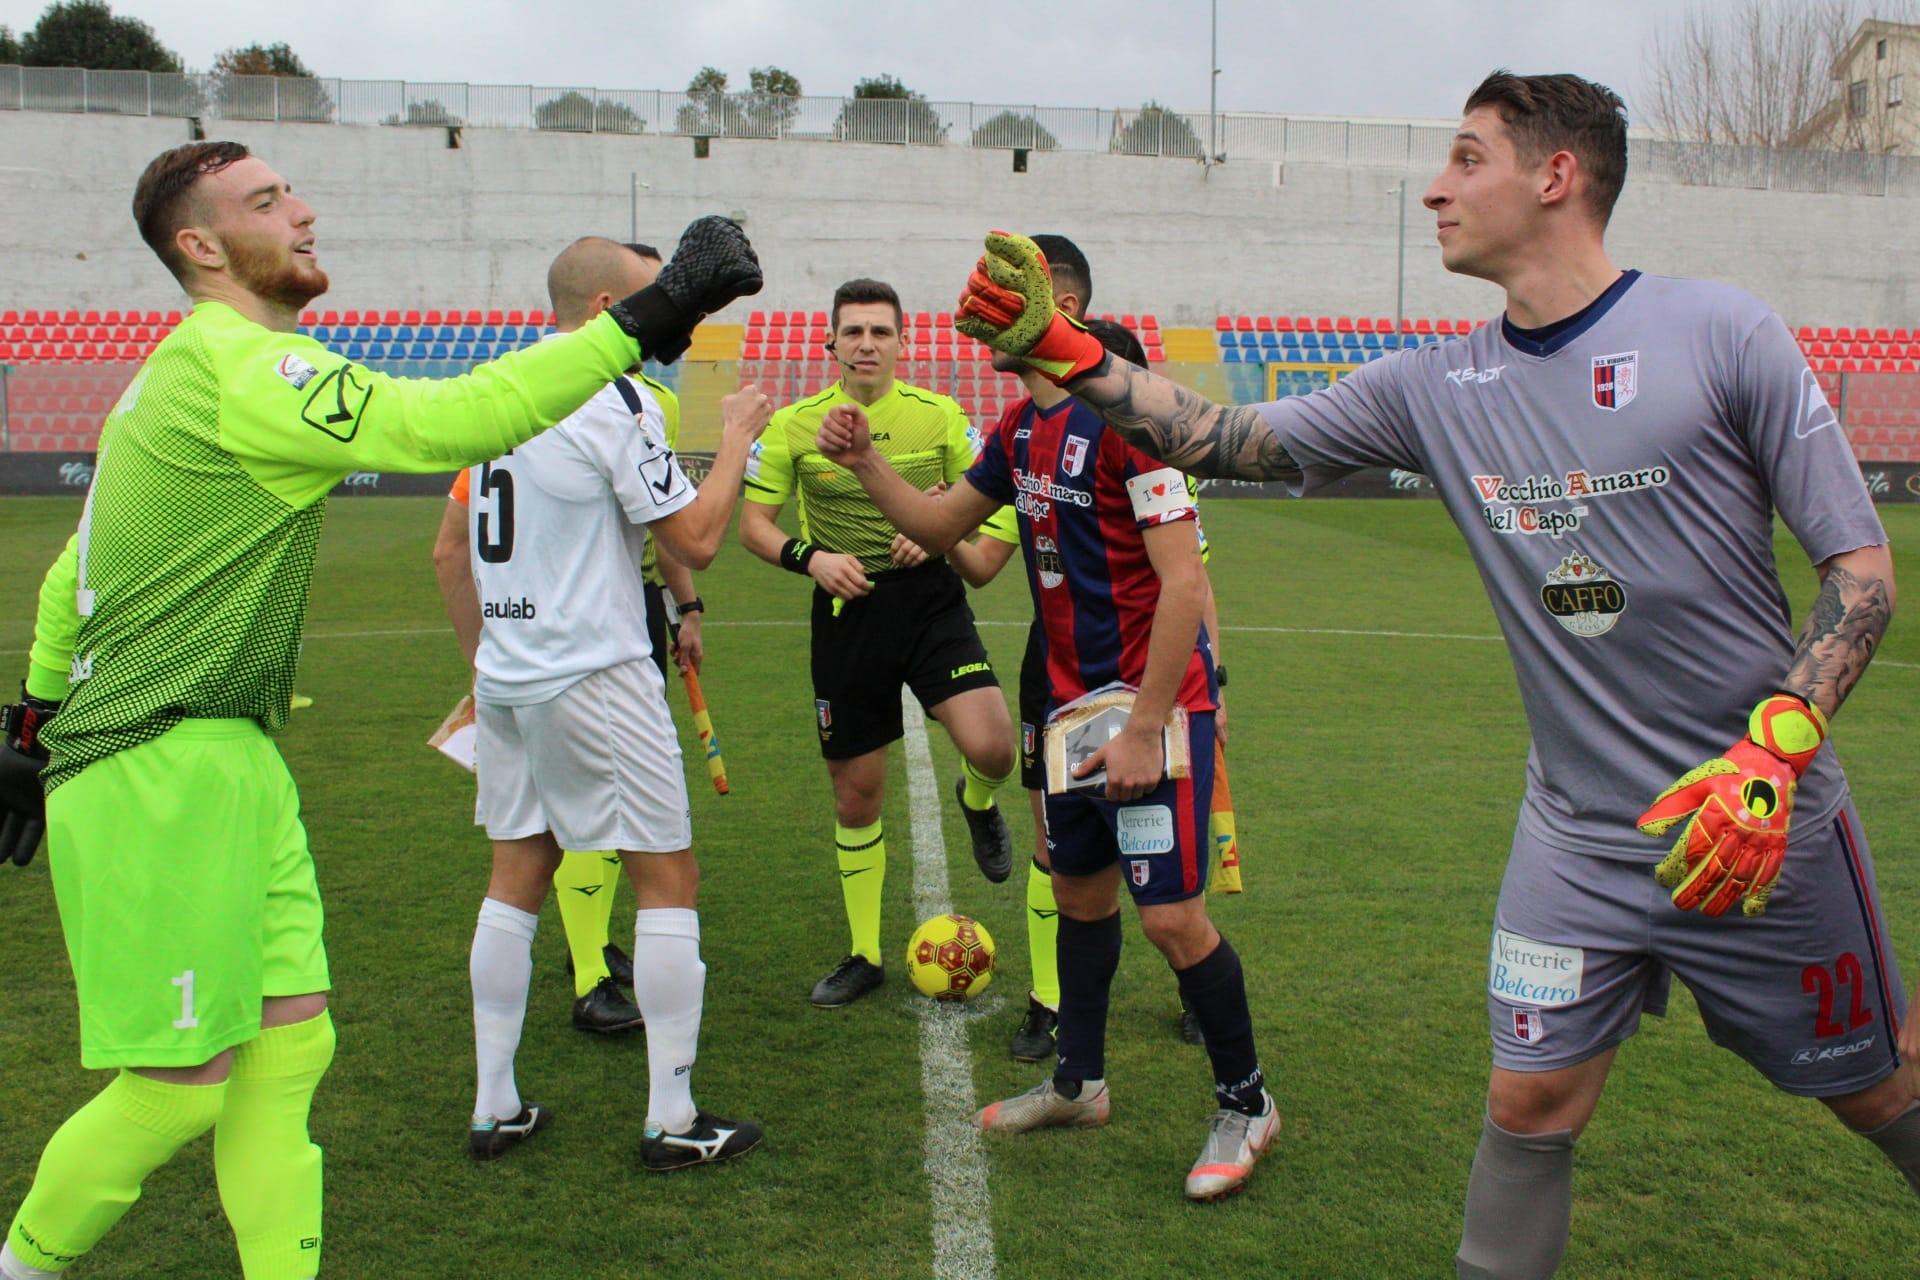 VIBONESE - BISCEGLIE 1-1 | Il tabellino del match immagine 16702 US Vibonese Calcio